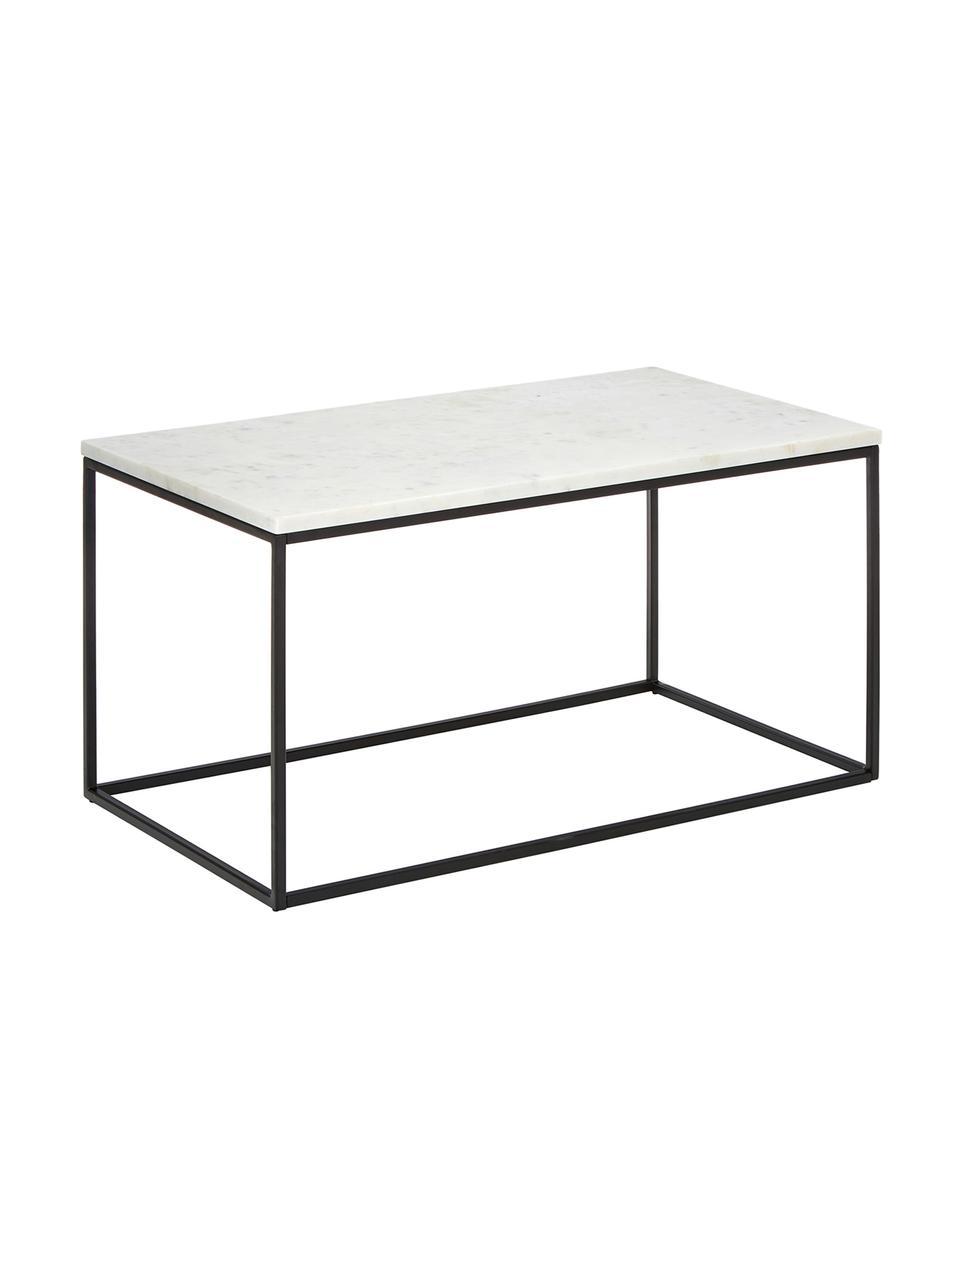 Table basse marbreAlys, Plateau: marbre blanc-gris Structure: noir, mat